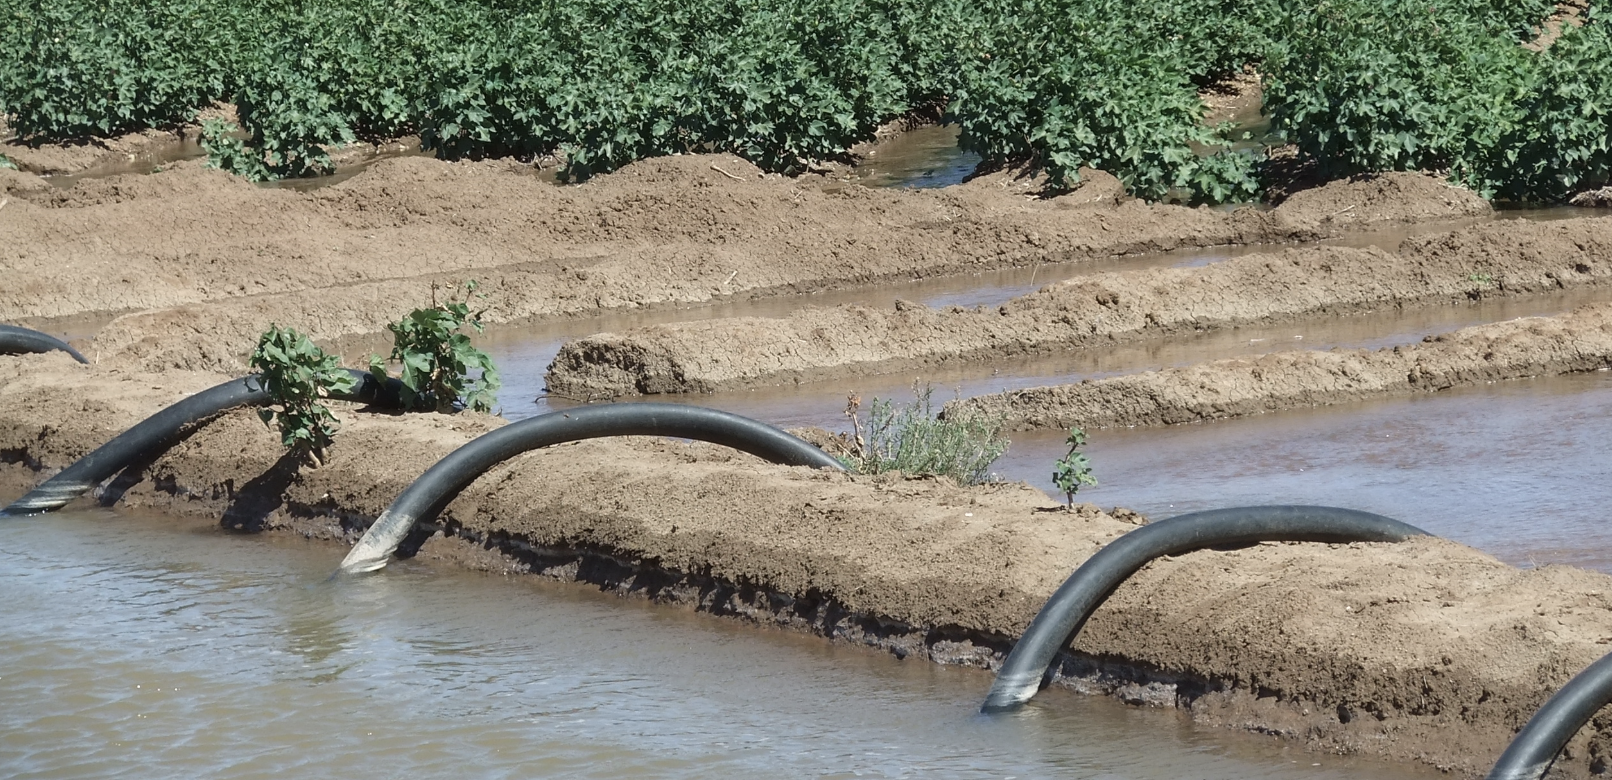 L'Egypte veut faciliter l'accès des fermiers aux systèmes solaires d'irrigation